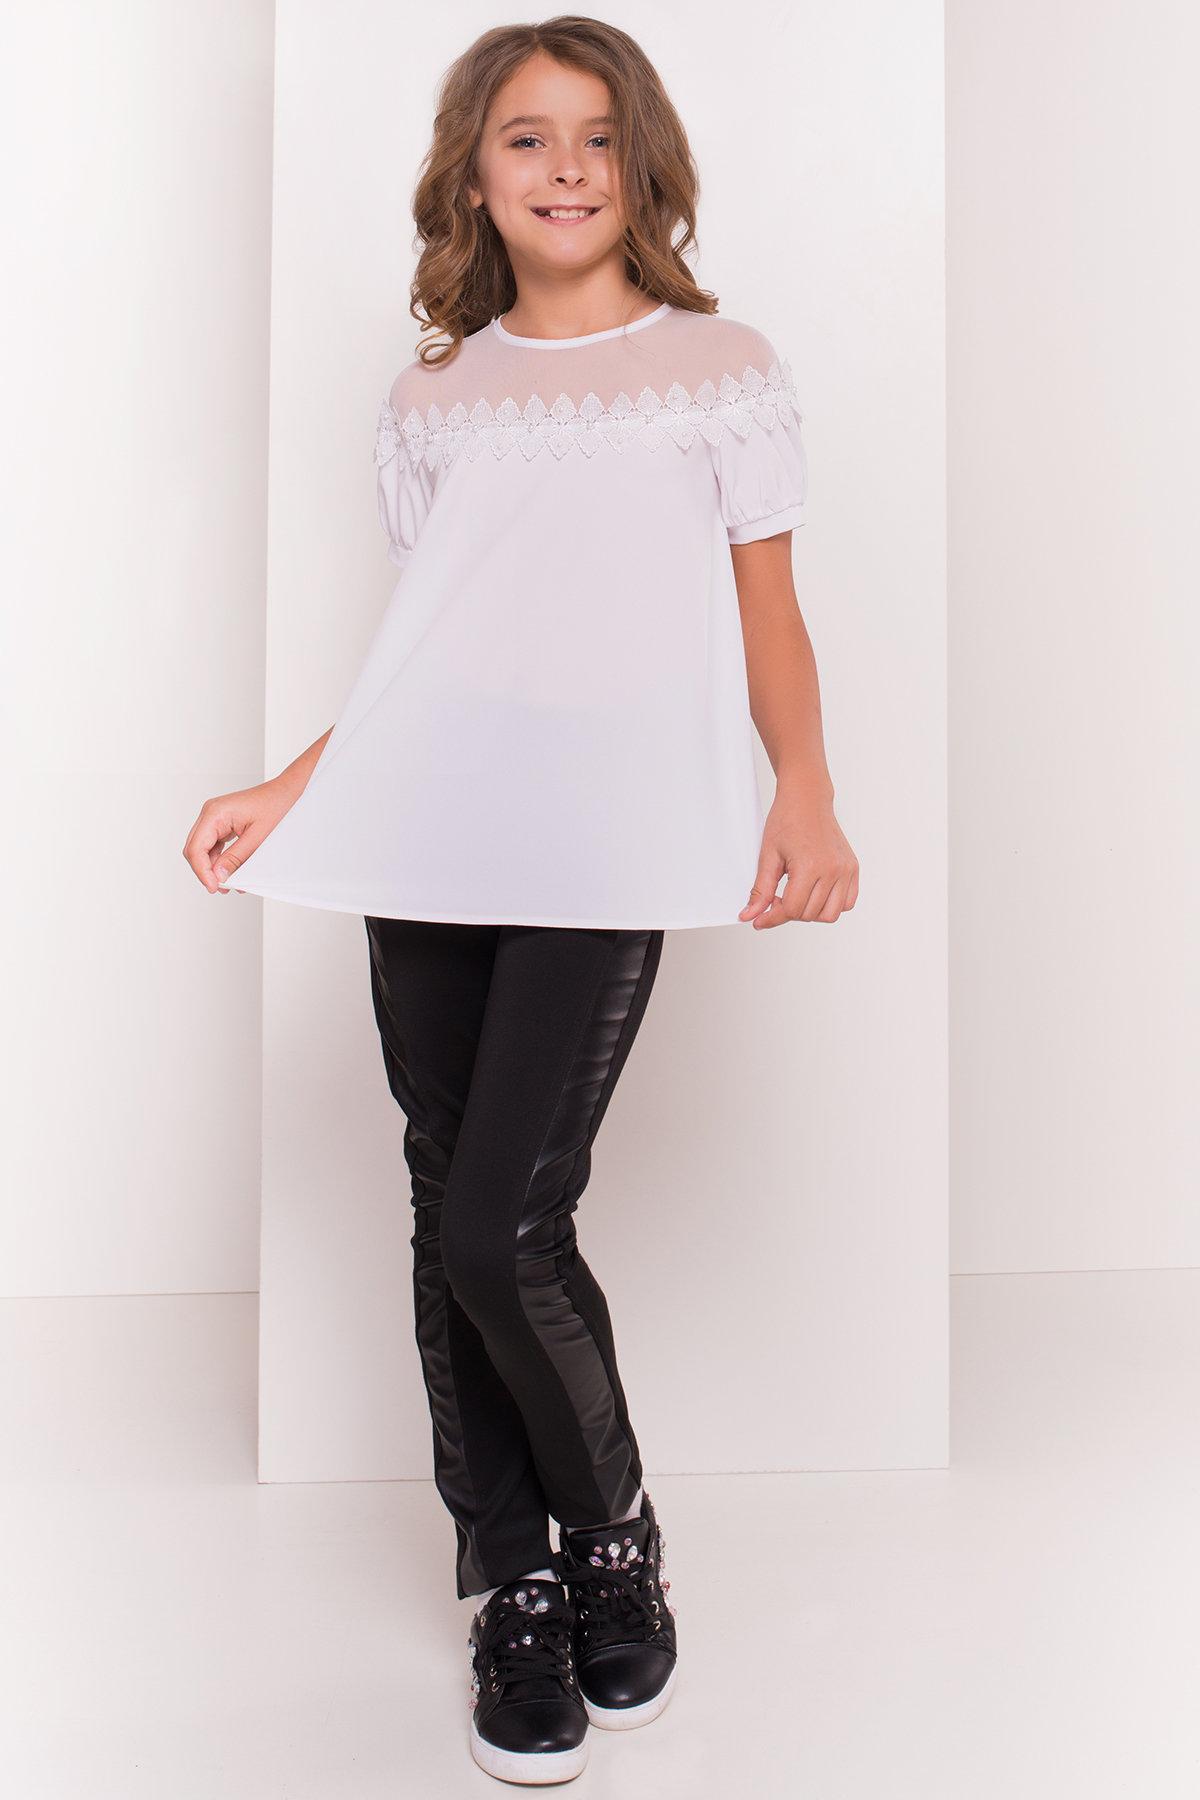 Блуза детская Герда 5197 АРТ. 36284 Цвет: Белый - фото 4, интернет магазин tm-modus.ru